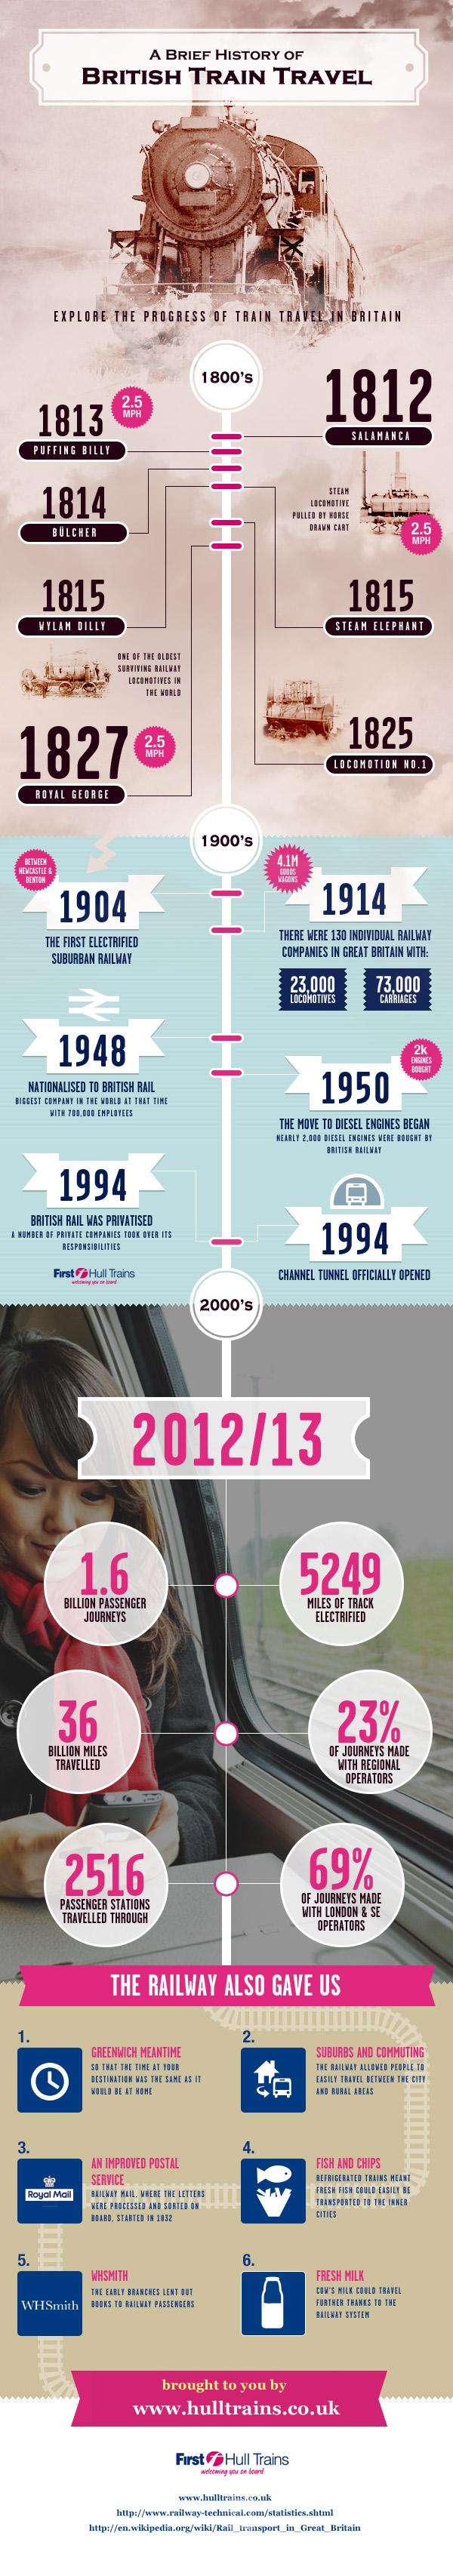 05 british-train-travel-infographic